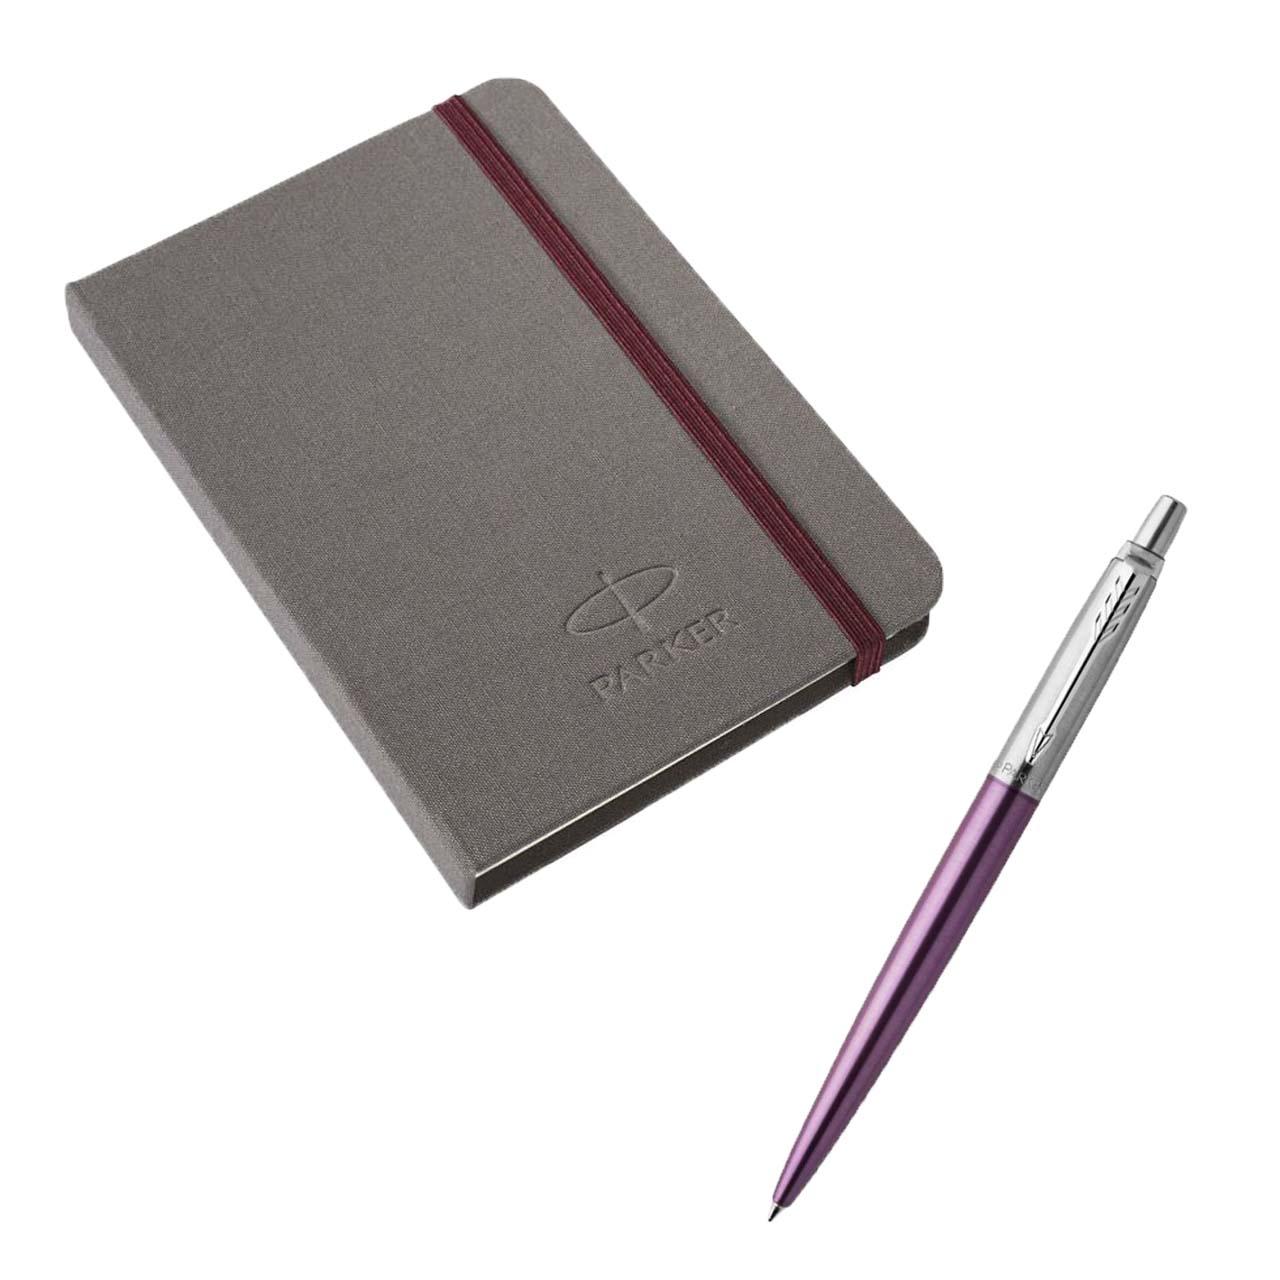 ست خودکار و دفترچه یادداشت پارکر مدل Jotter Victoria مجموعه دو عددی